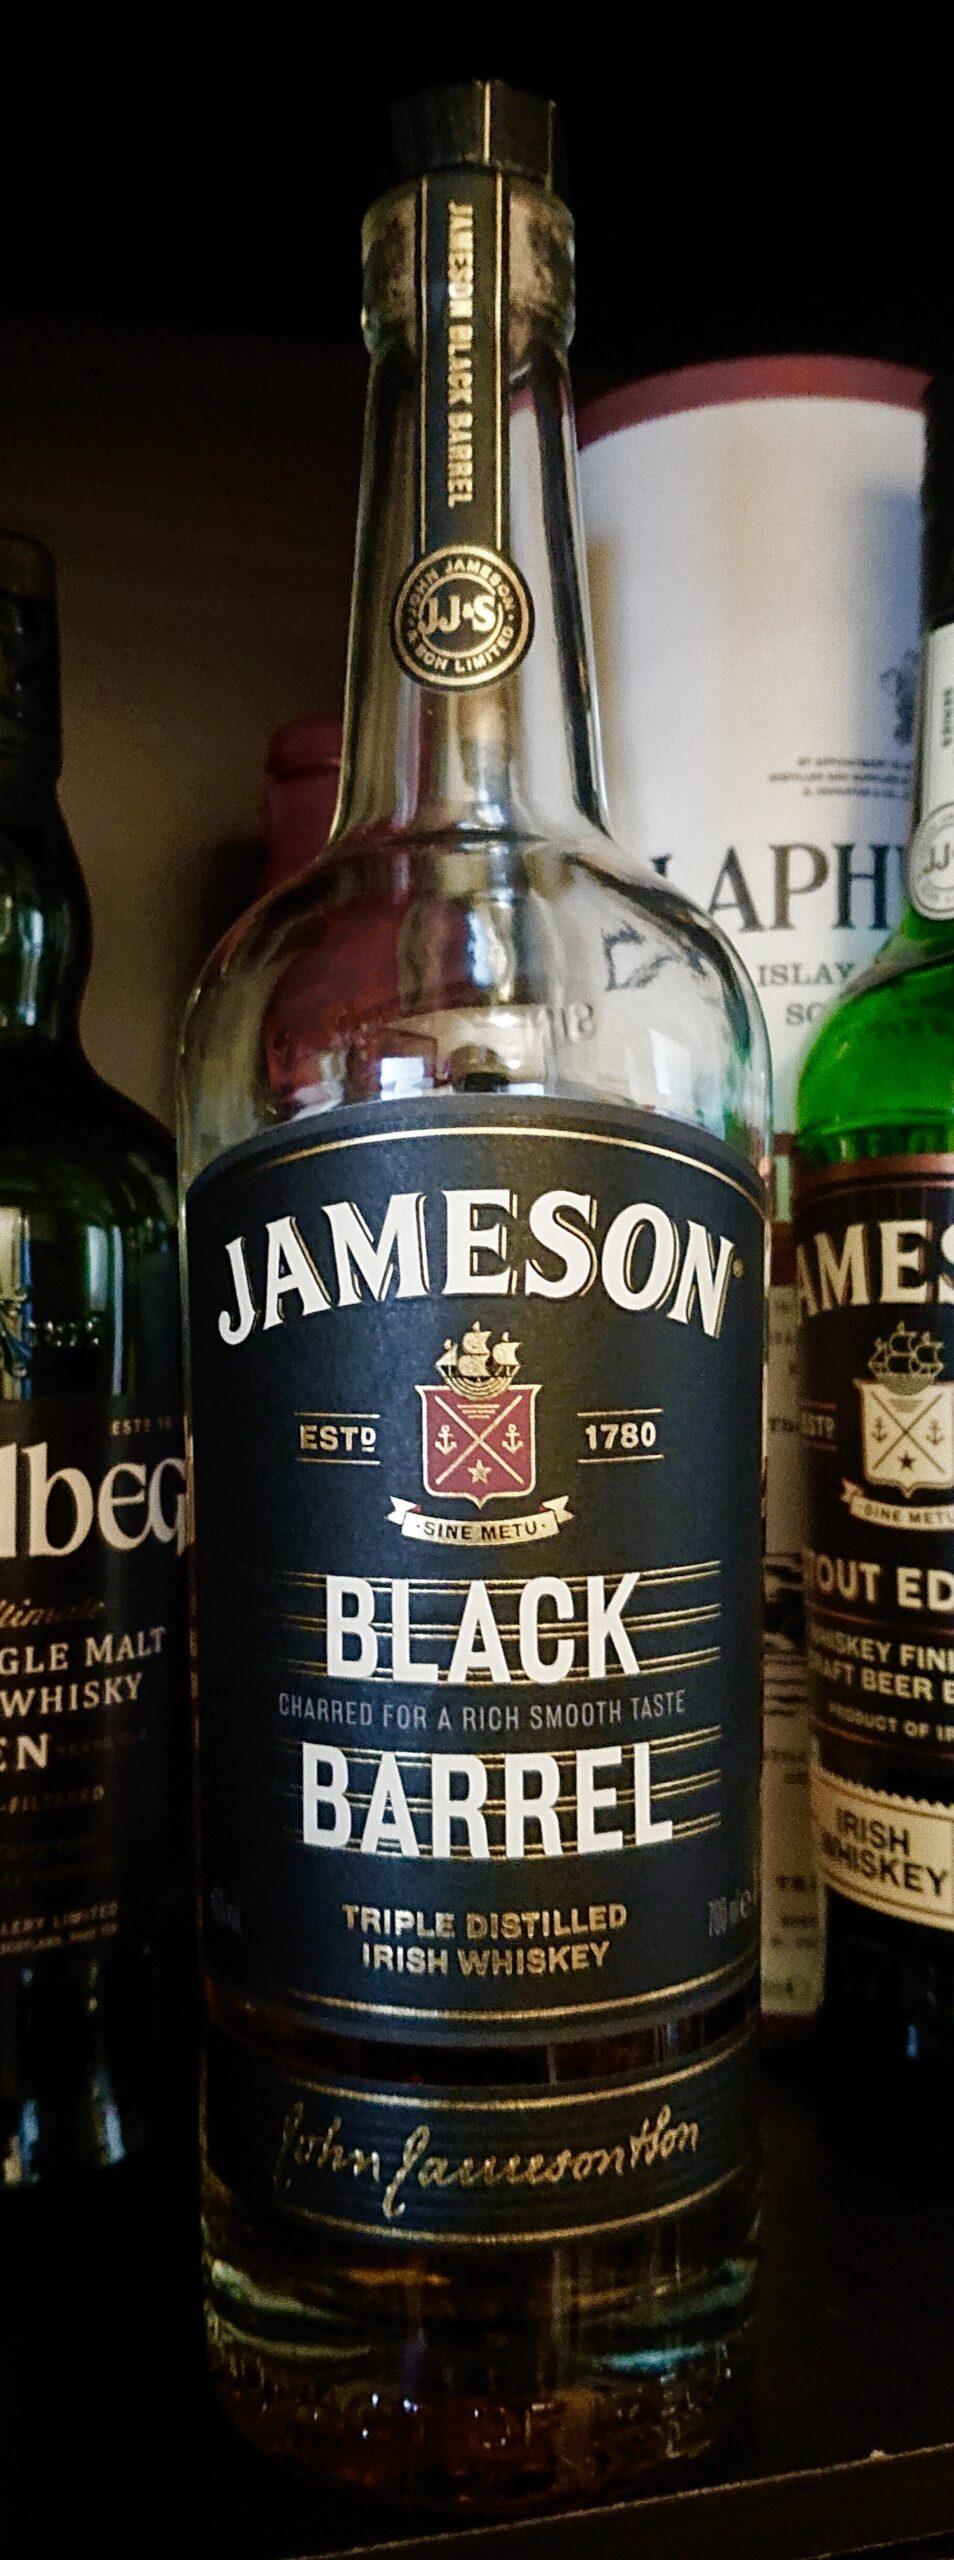 ジェムソン・ブラックバレルのテイスティング&レヴュー・黒焦げの樽で熟成、バニラ&コーヒーキャンディ風味のディープなジェムソン!